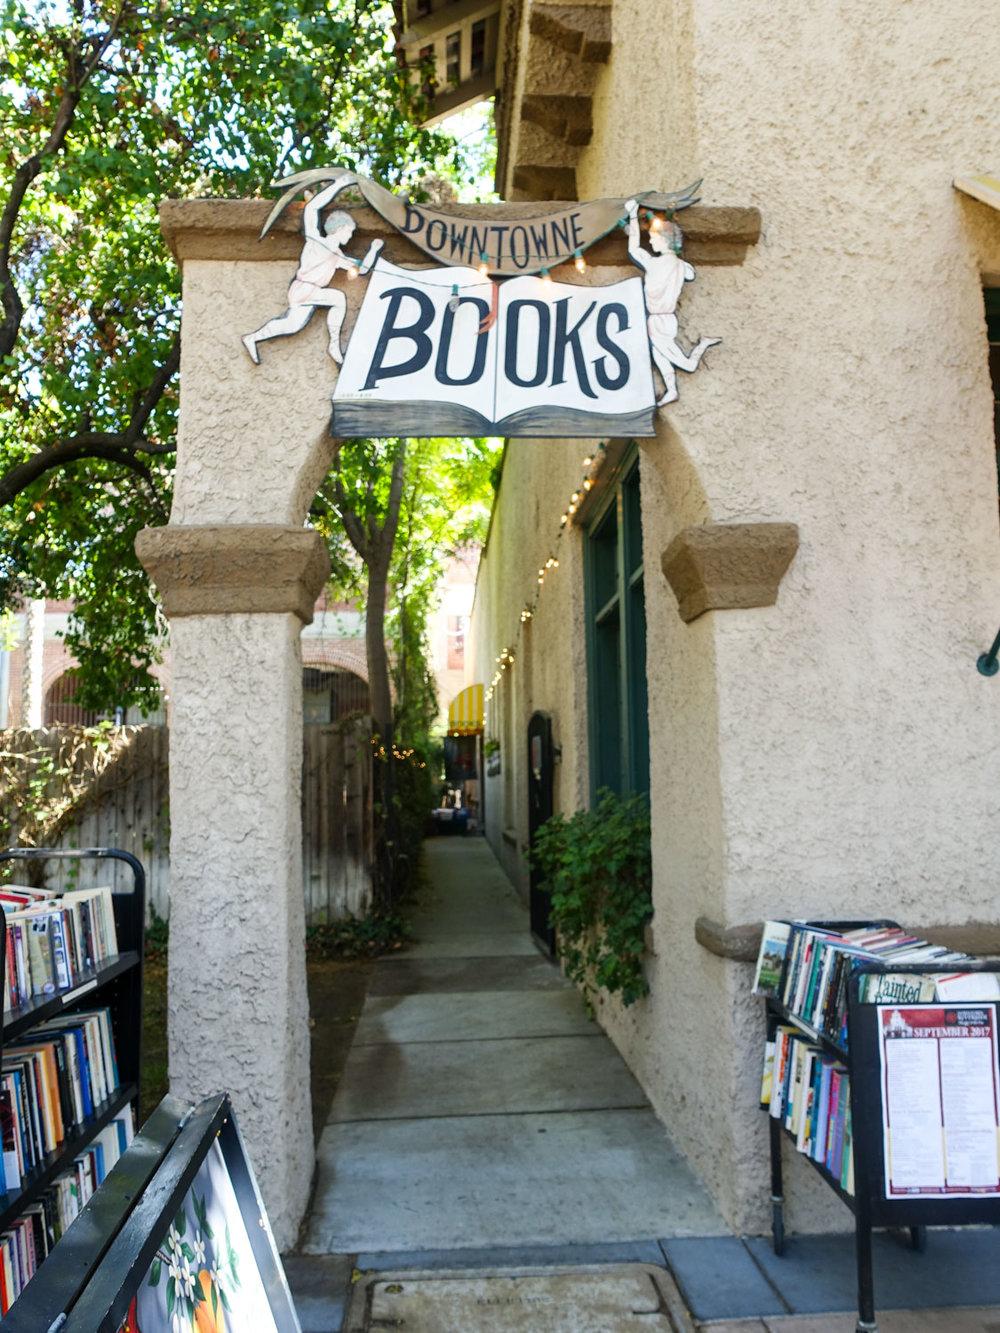 Downtowne Books, Mission Inn